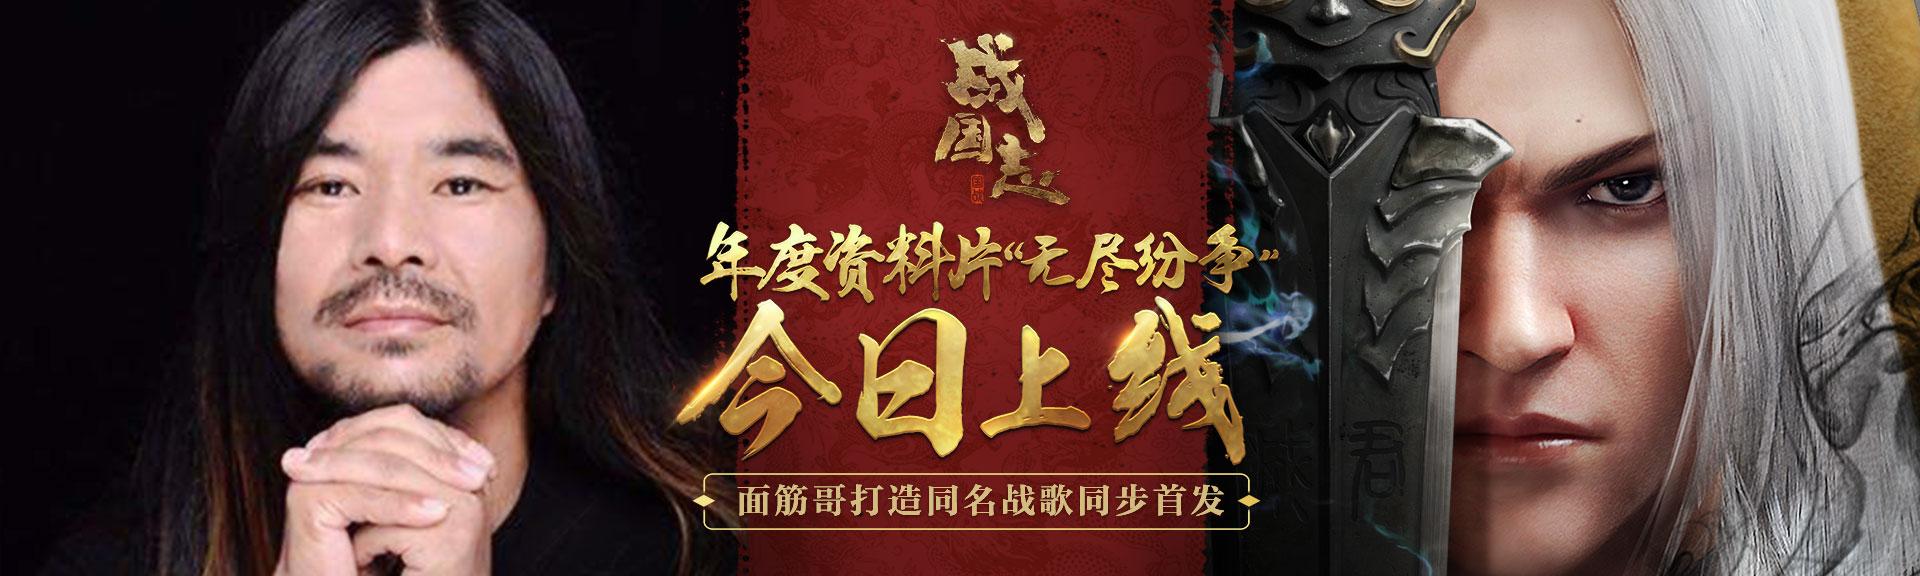 """《战国志》年度资料片""""无尽纷争""""今日上线,面筋哥献唱同名战歌!"""